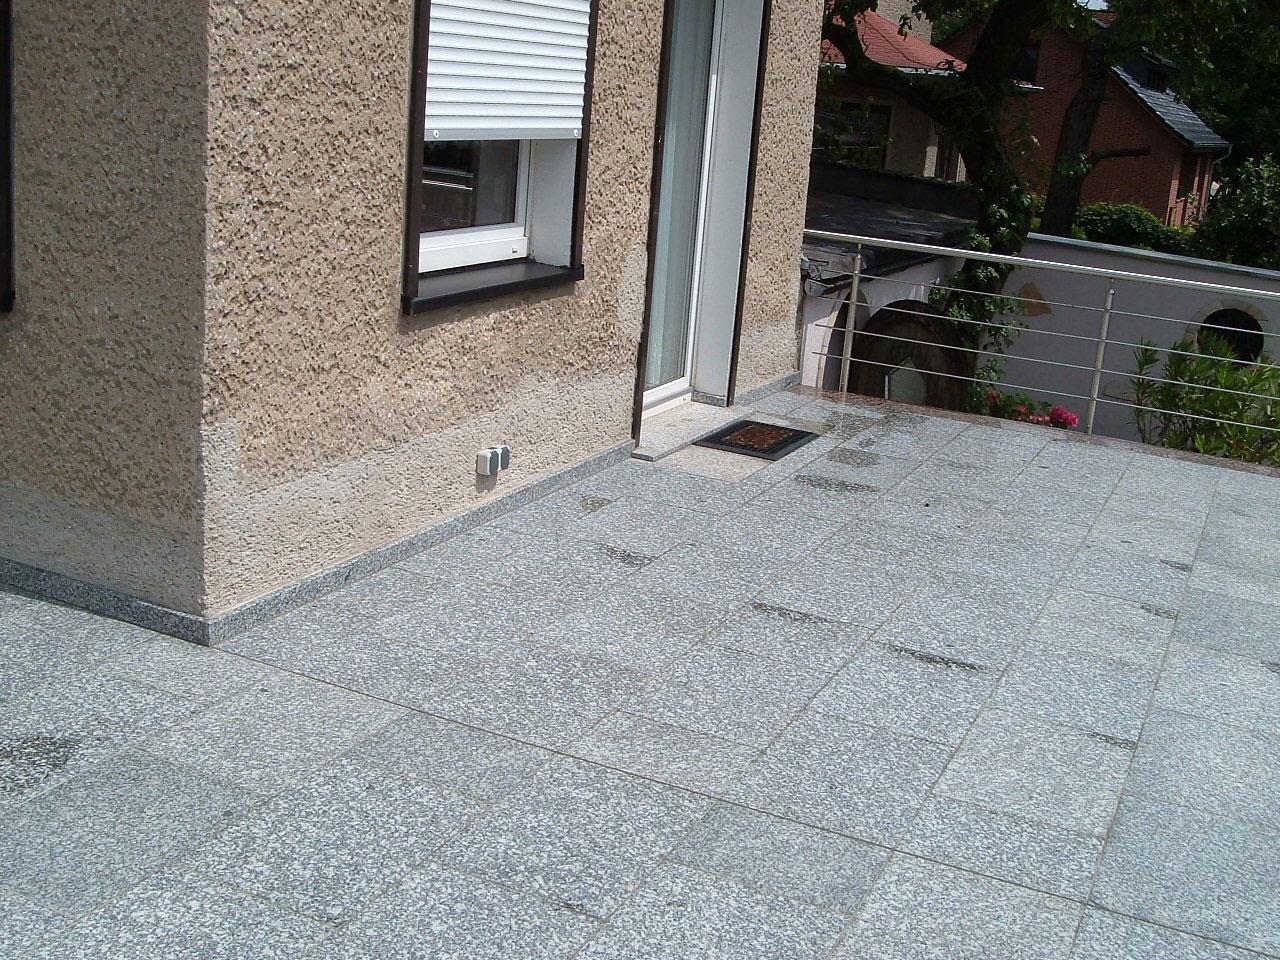 Terrassen - Terras rand idee ...